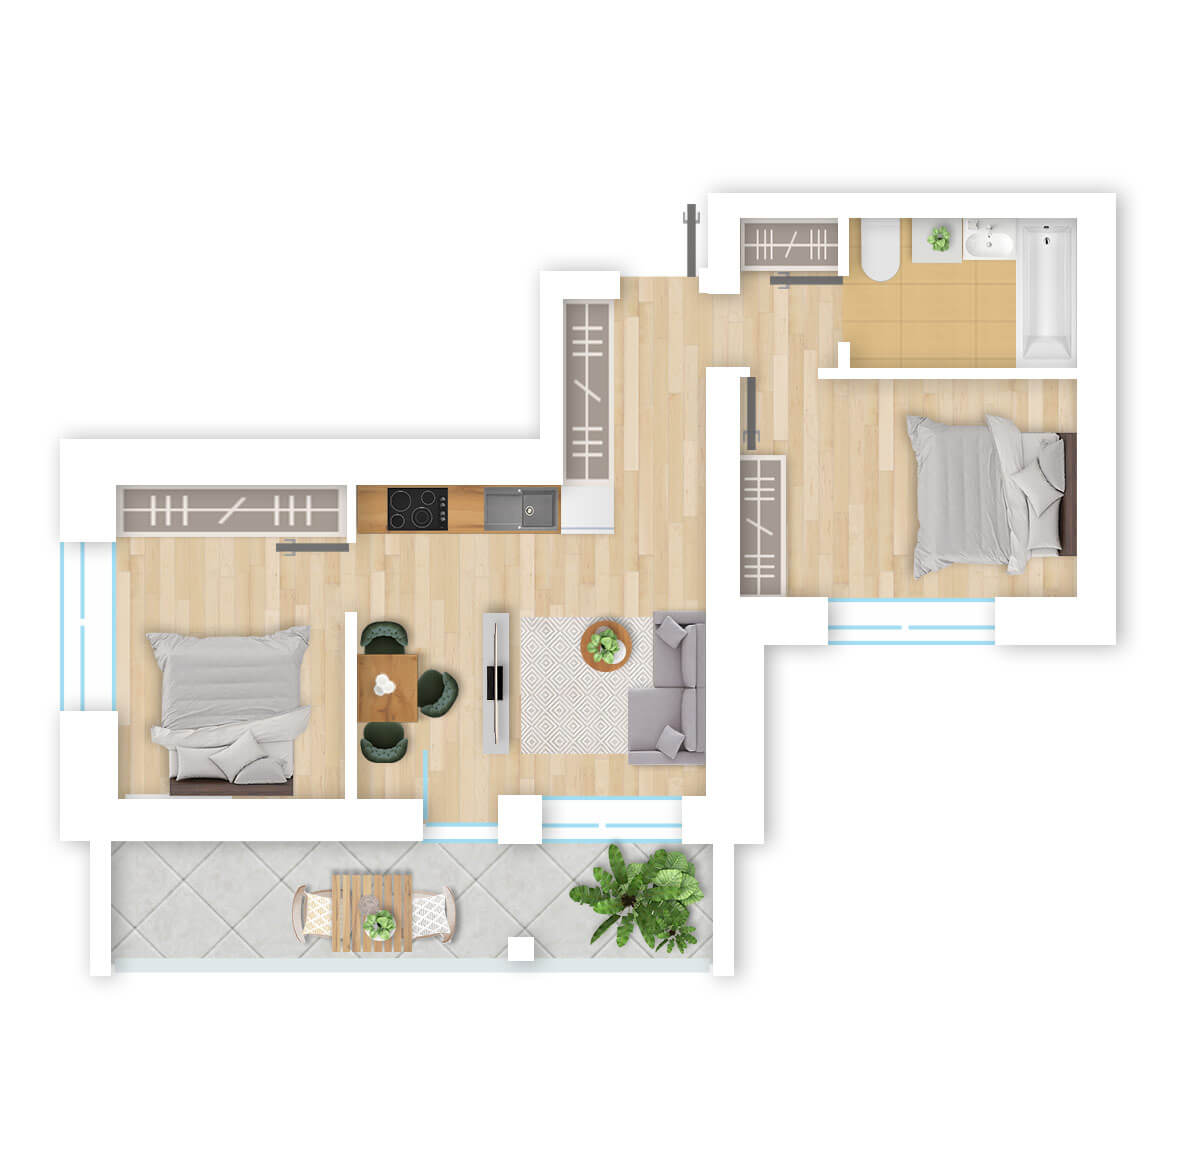 parduodamas butas Lazdynėlių g. 16B - 9 Vilniuje, buto 3D vaizdas